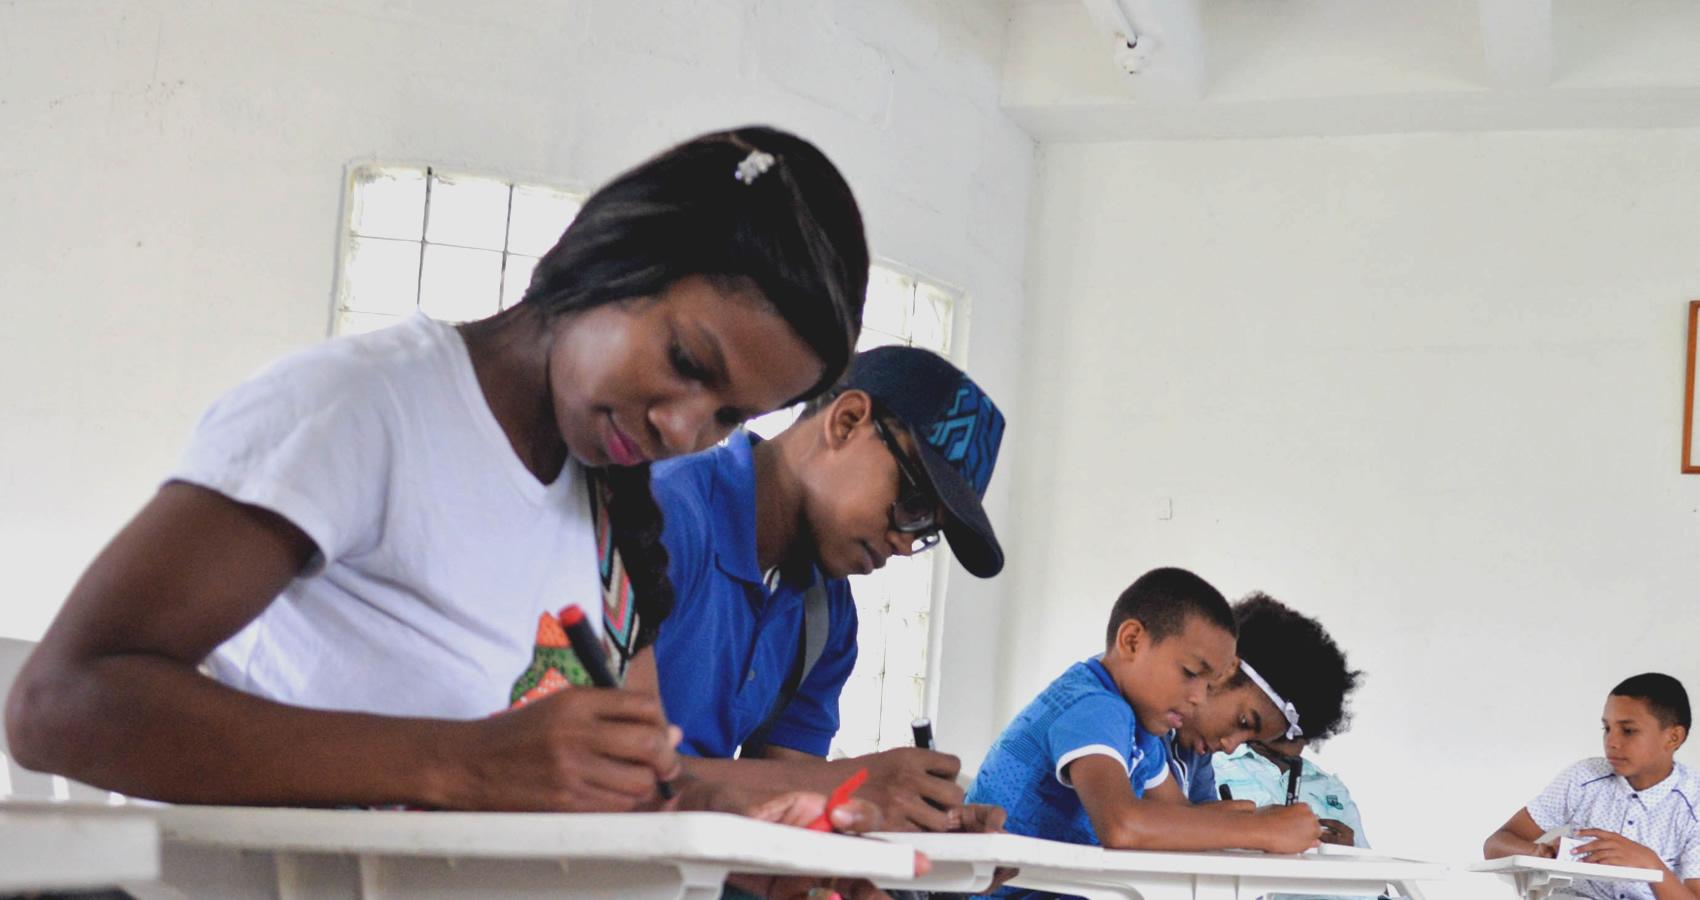 Semana Rural | ¿Cómo saldar la deuda de Colombia con los estudiantes del  campo?